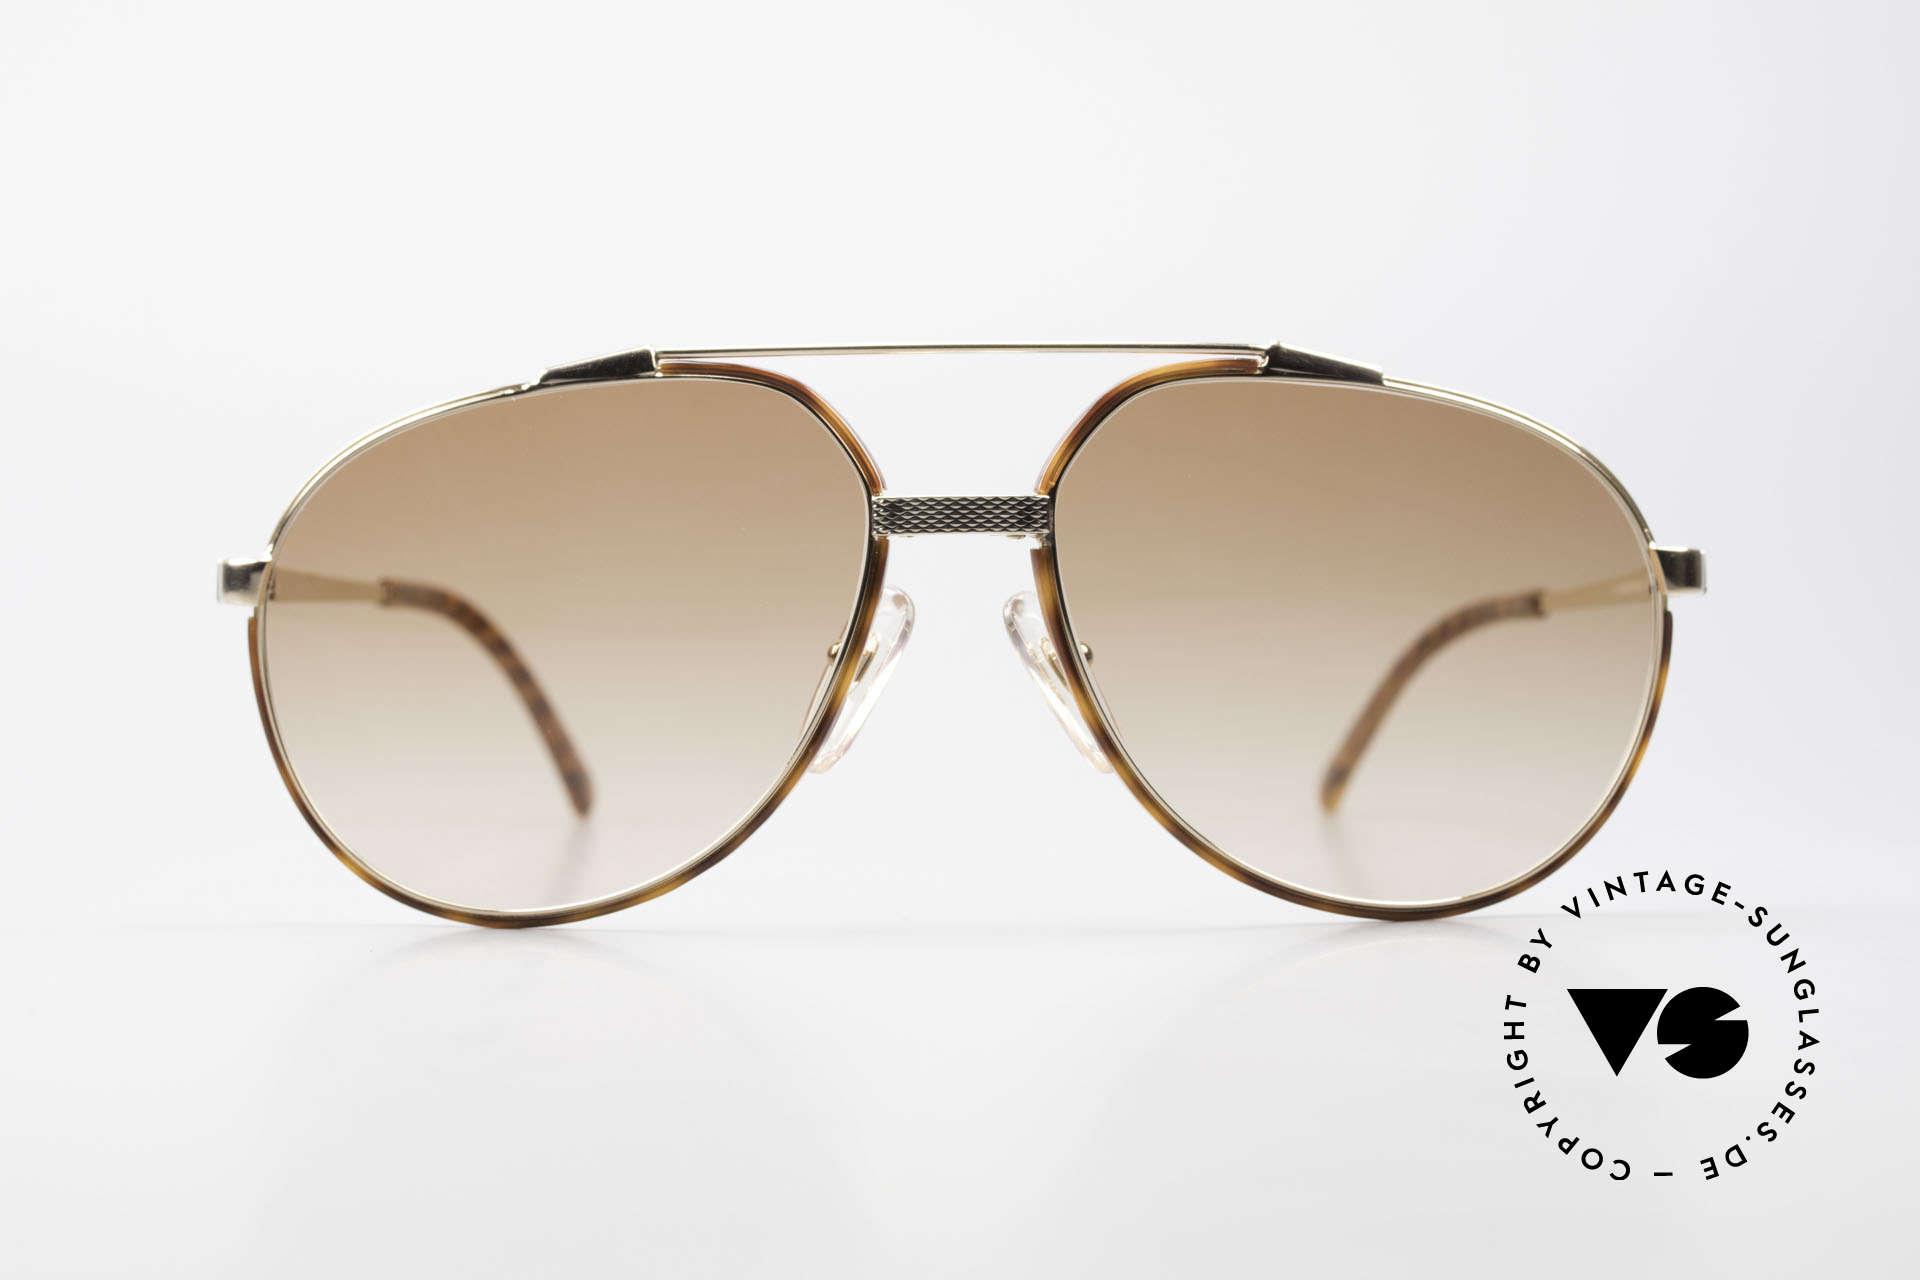 Dunhill 6174 Comfort Fit Luxus Brille 90er, stilvolle Dunhill vintage Sonnenbrille von 1991, Passend für Herren